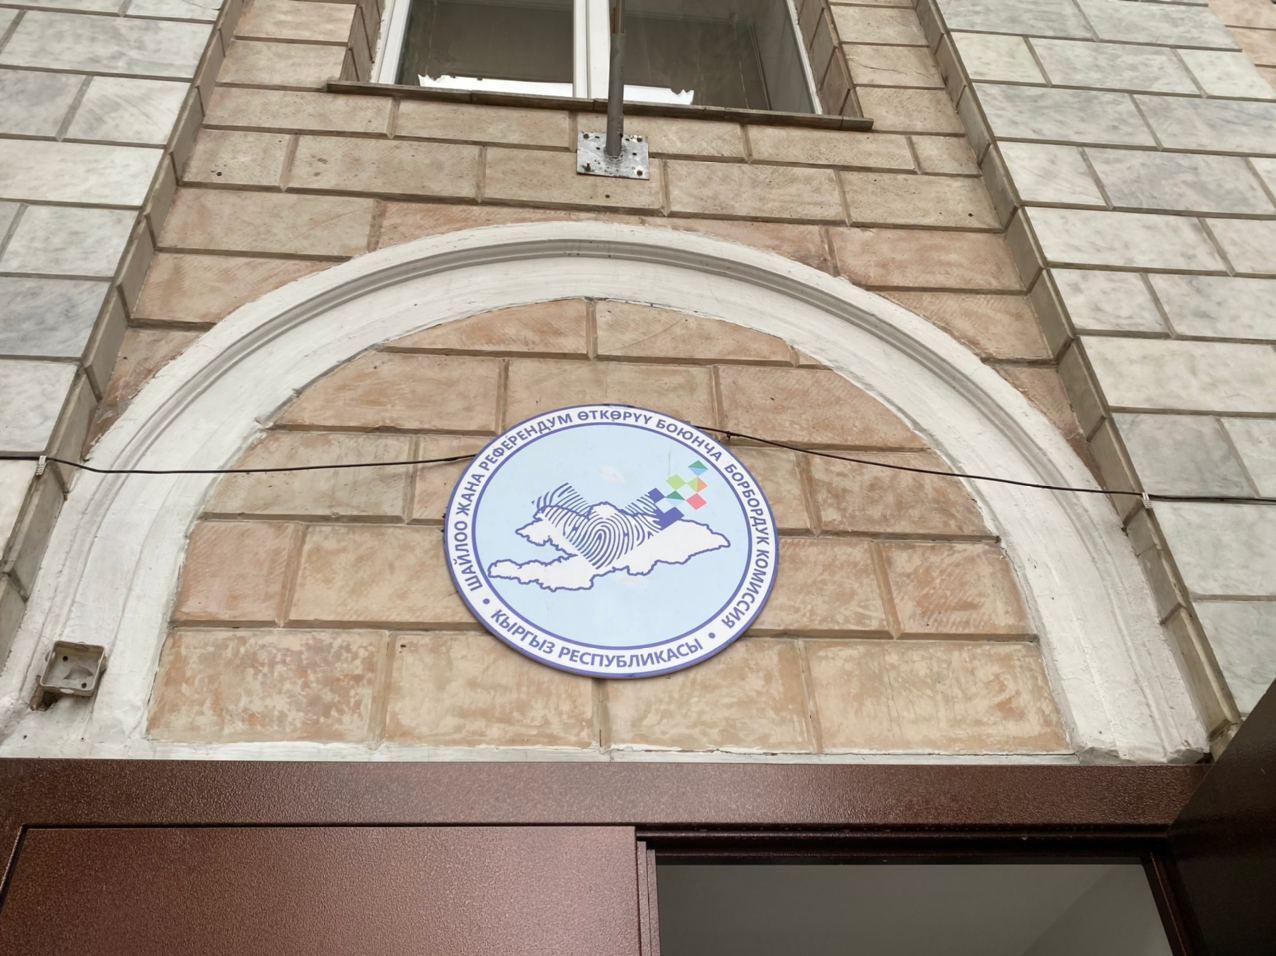 «Клооп» подал в суд на ЦИК. Комиссия вовремя не рассмотрела жалобы по нарушениям на выборах